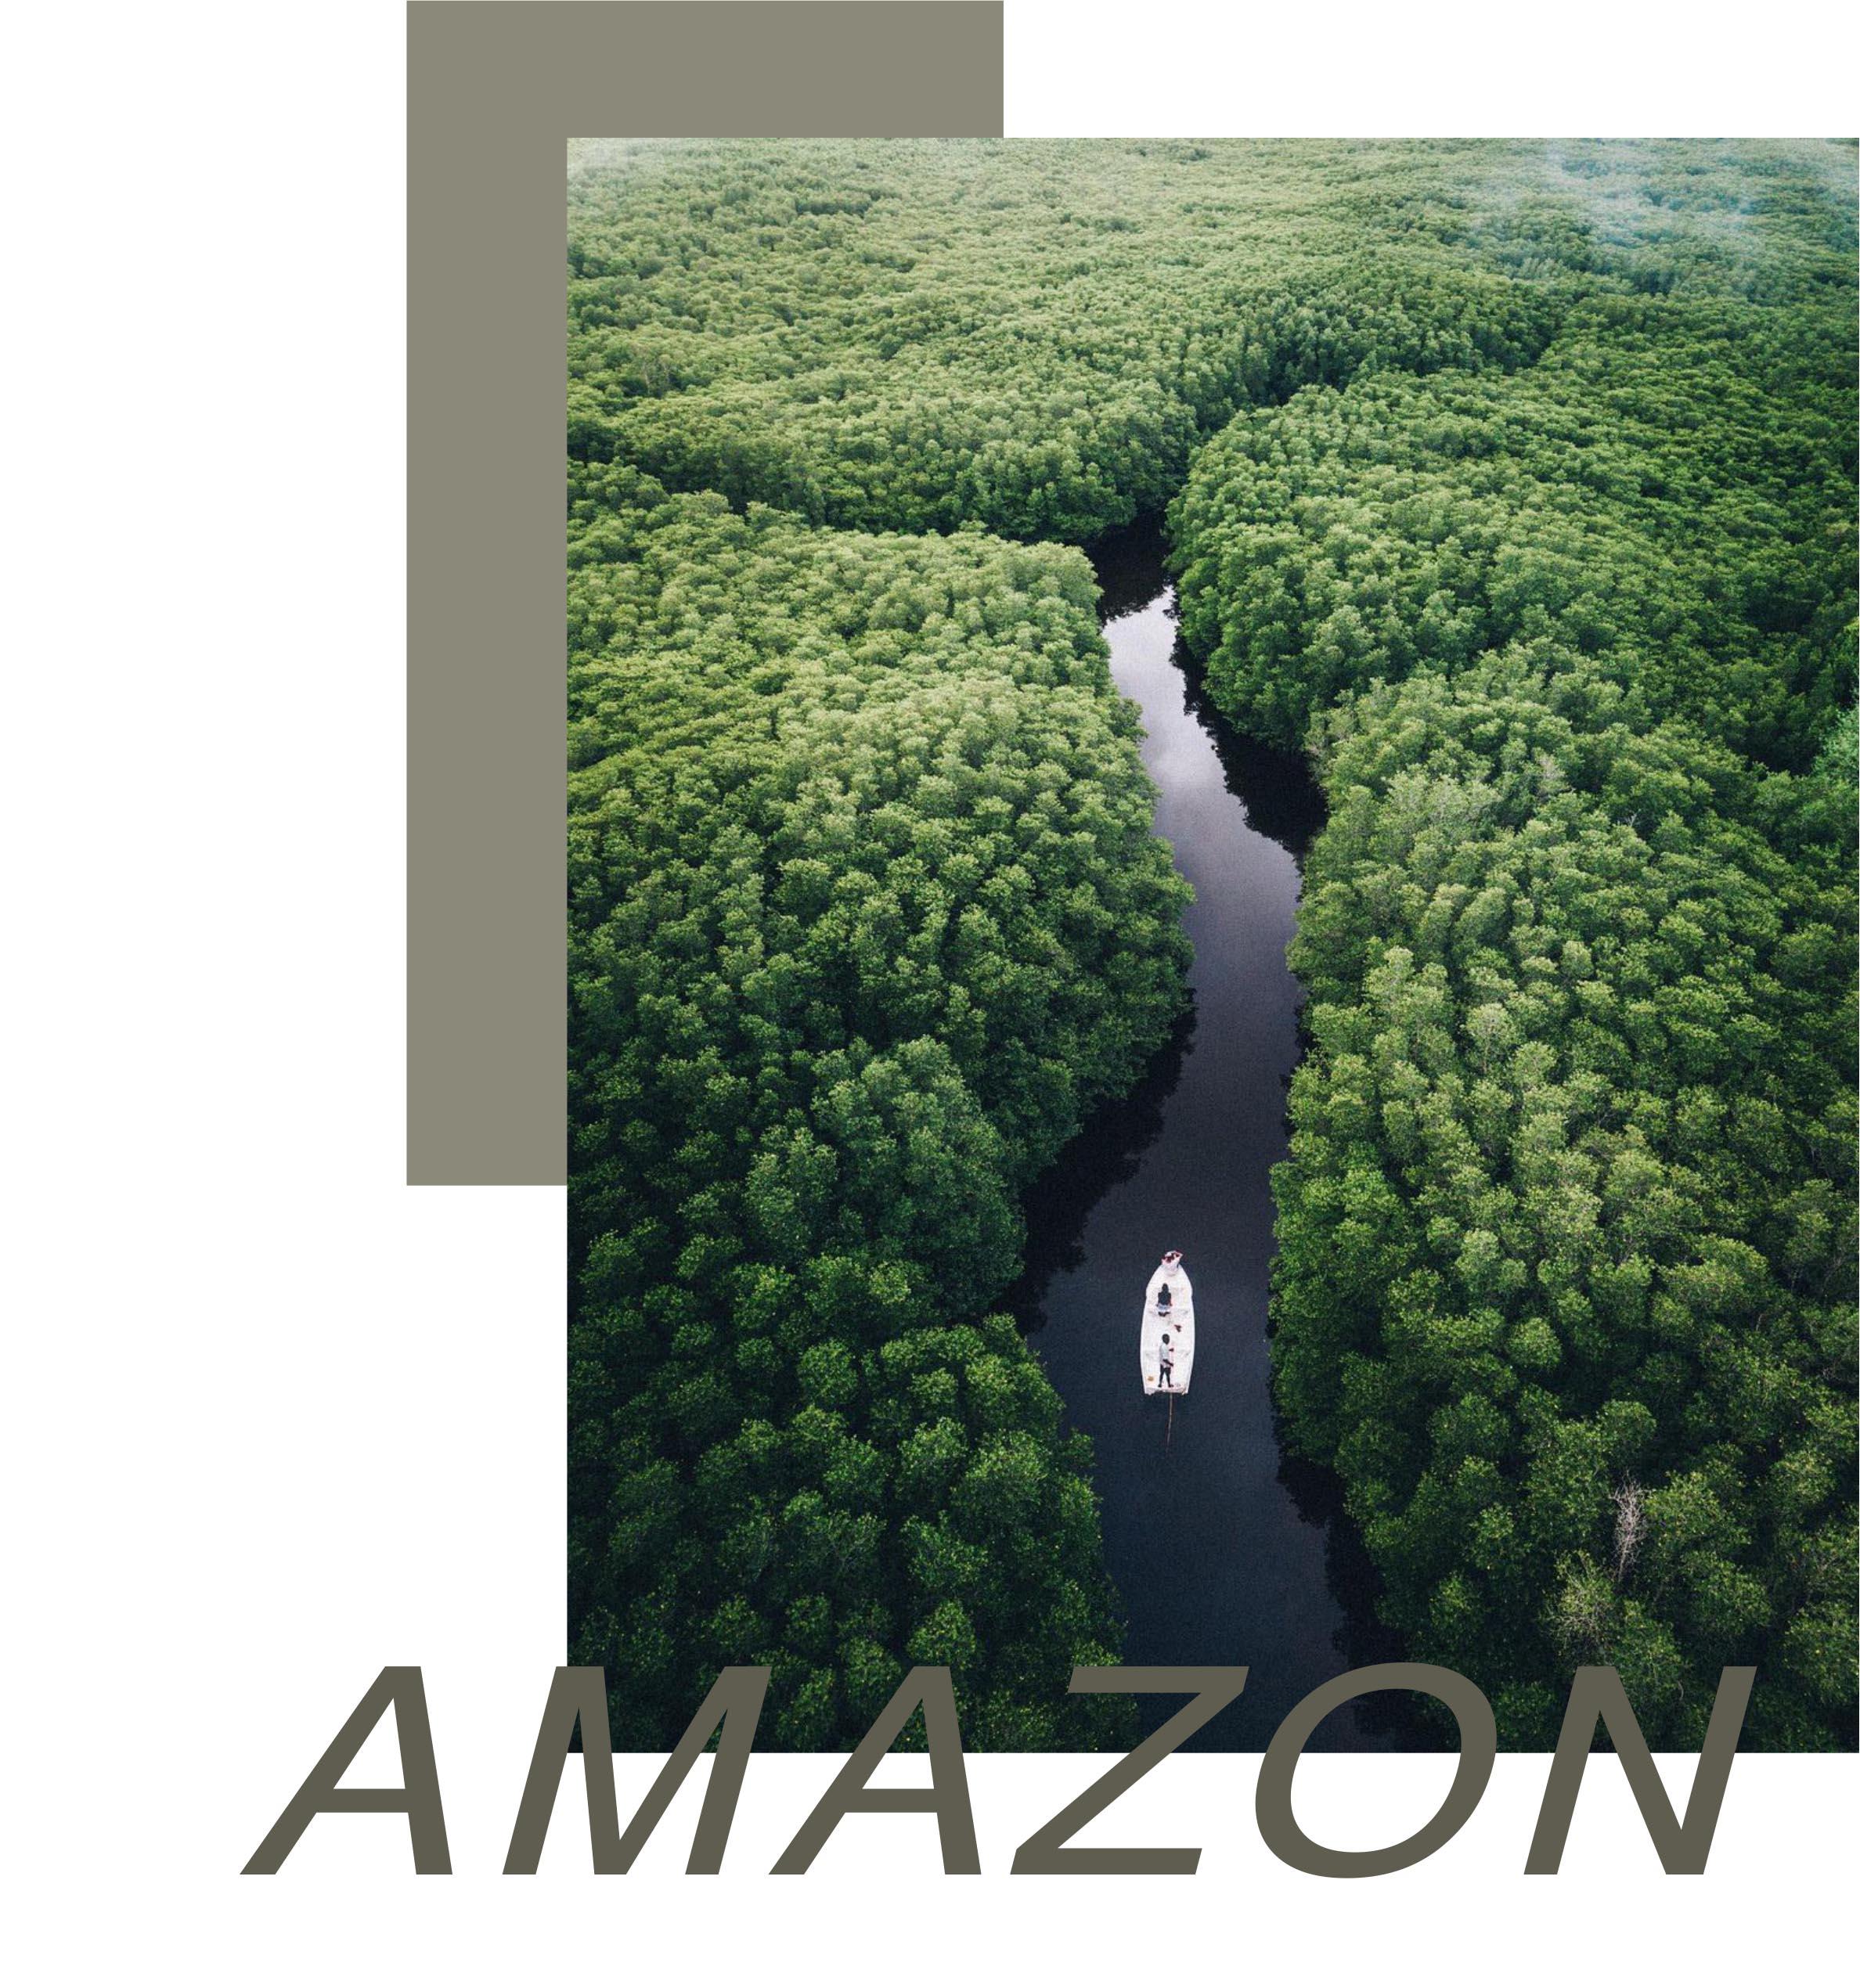 协进750x1500系列新品 |【亚马逊绿】丛林深处走来的精灵